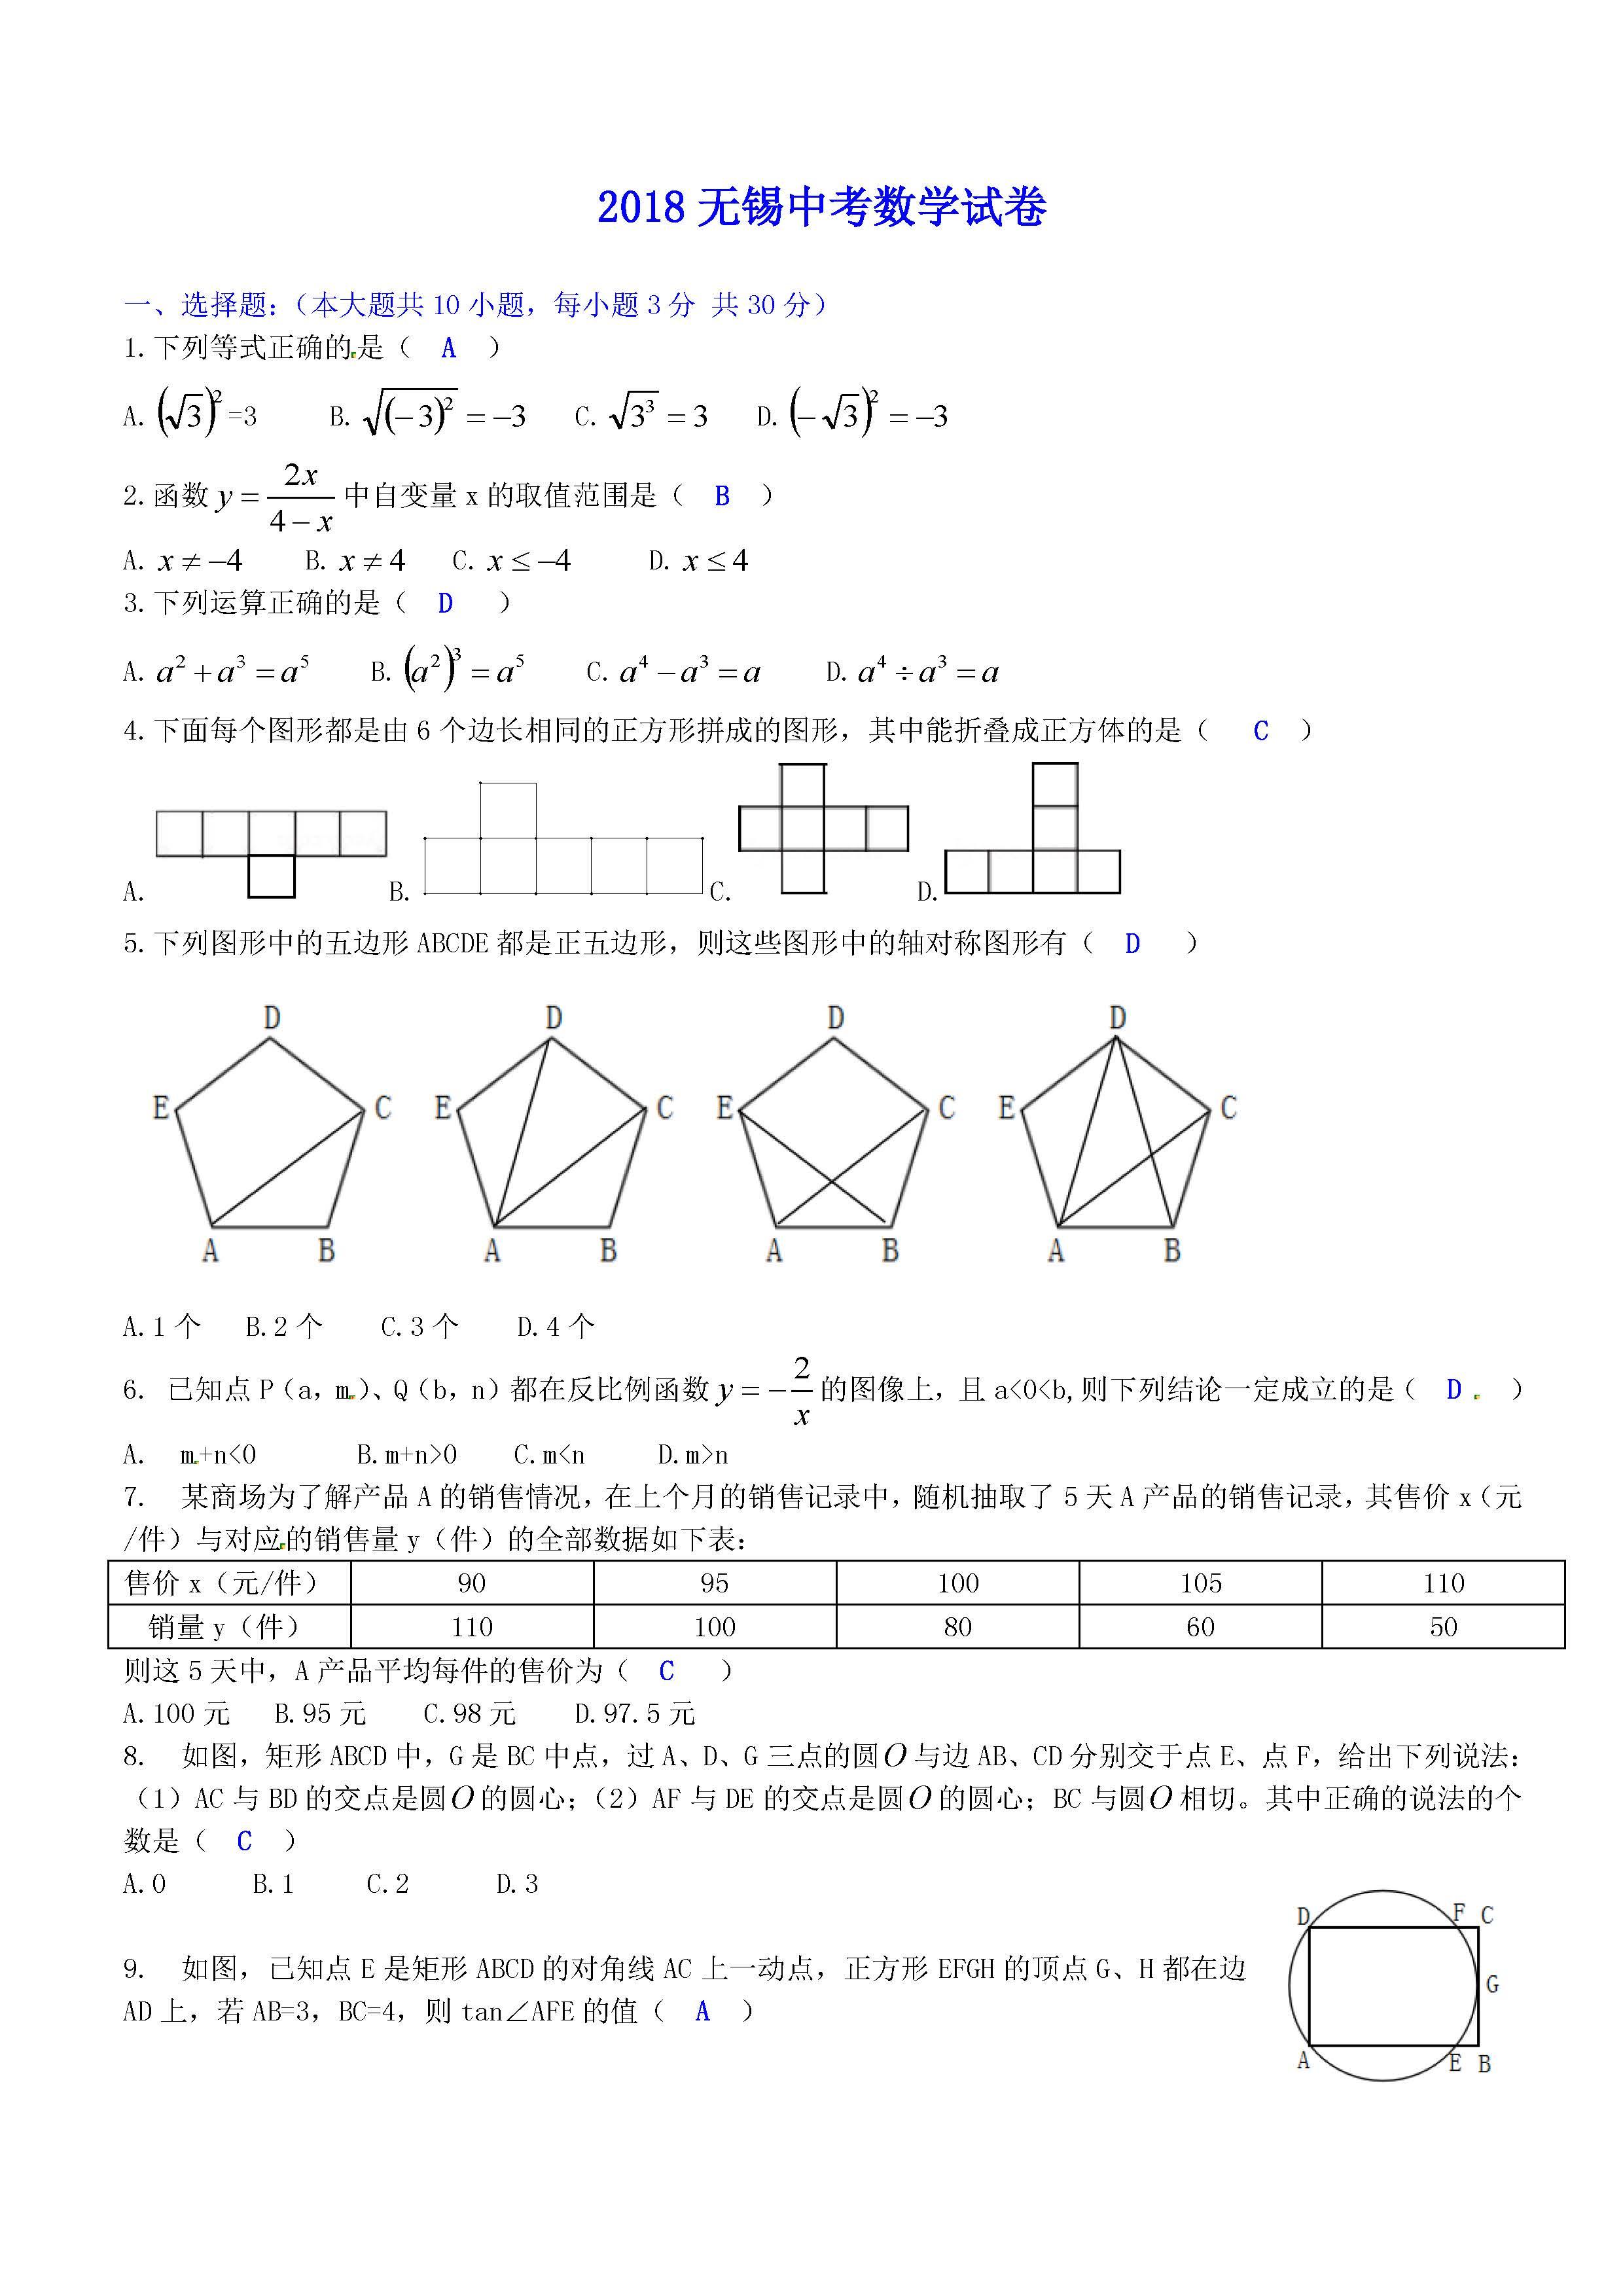 2018年江苏无锡中考数学真题及答案已公布